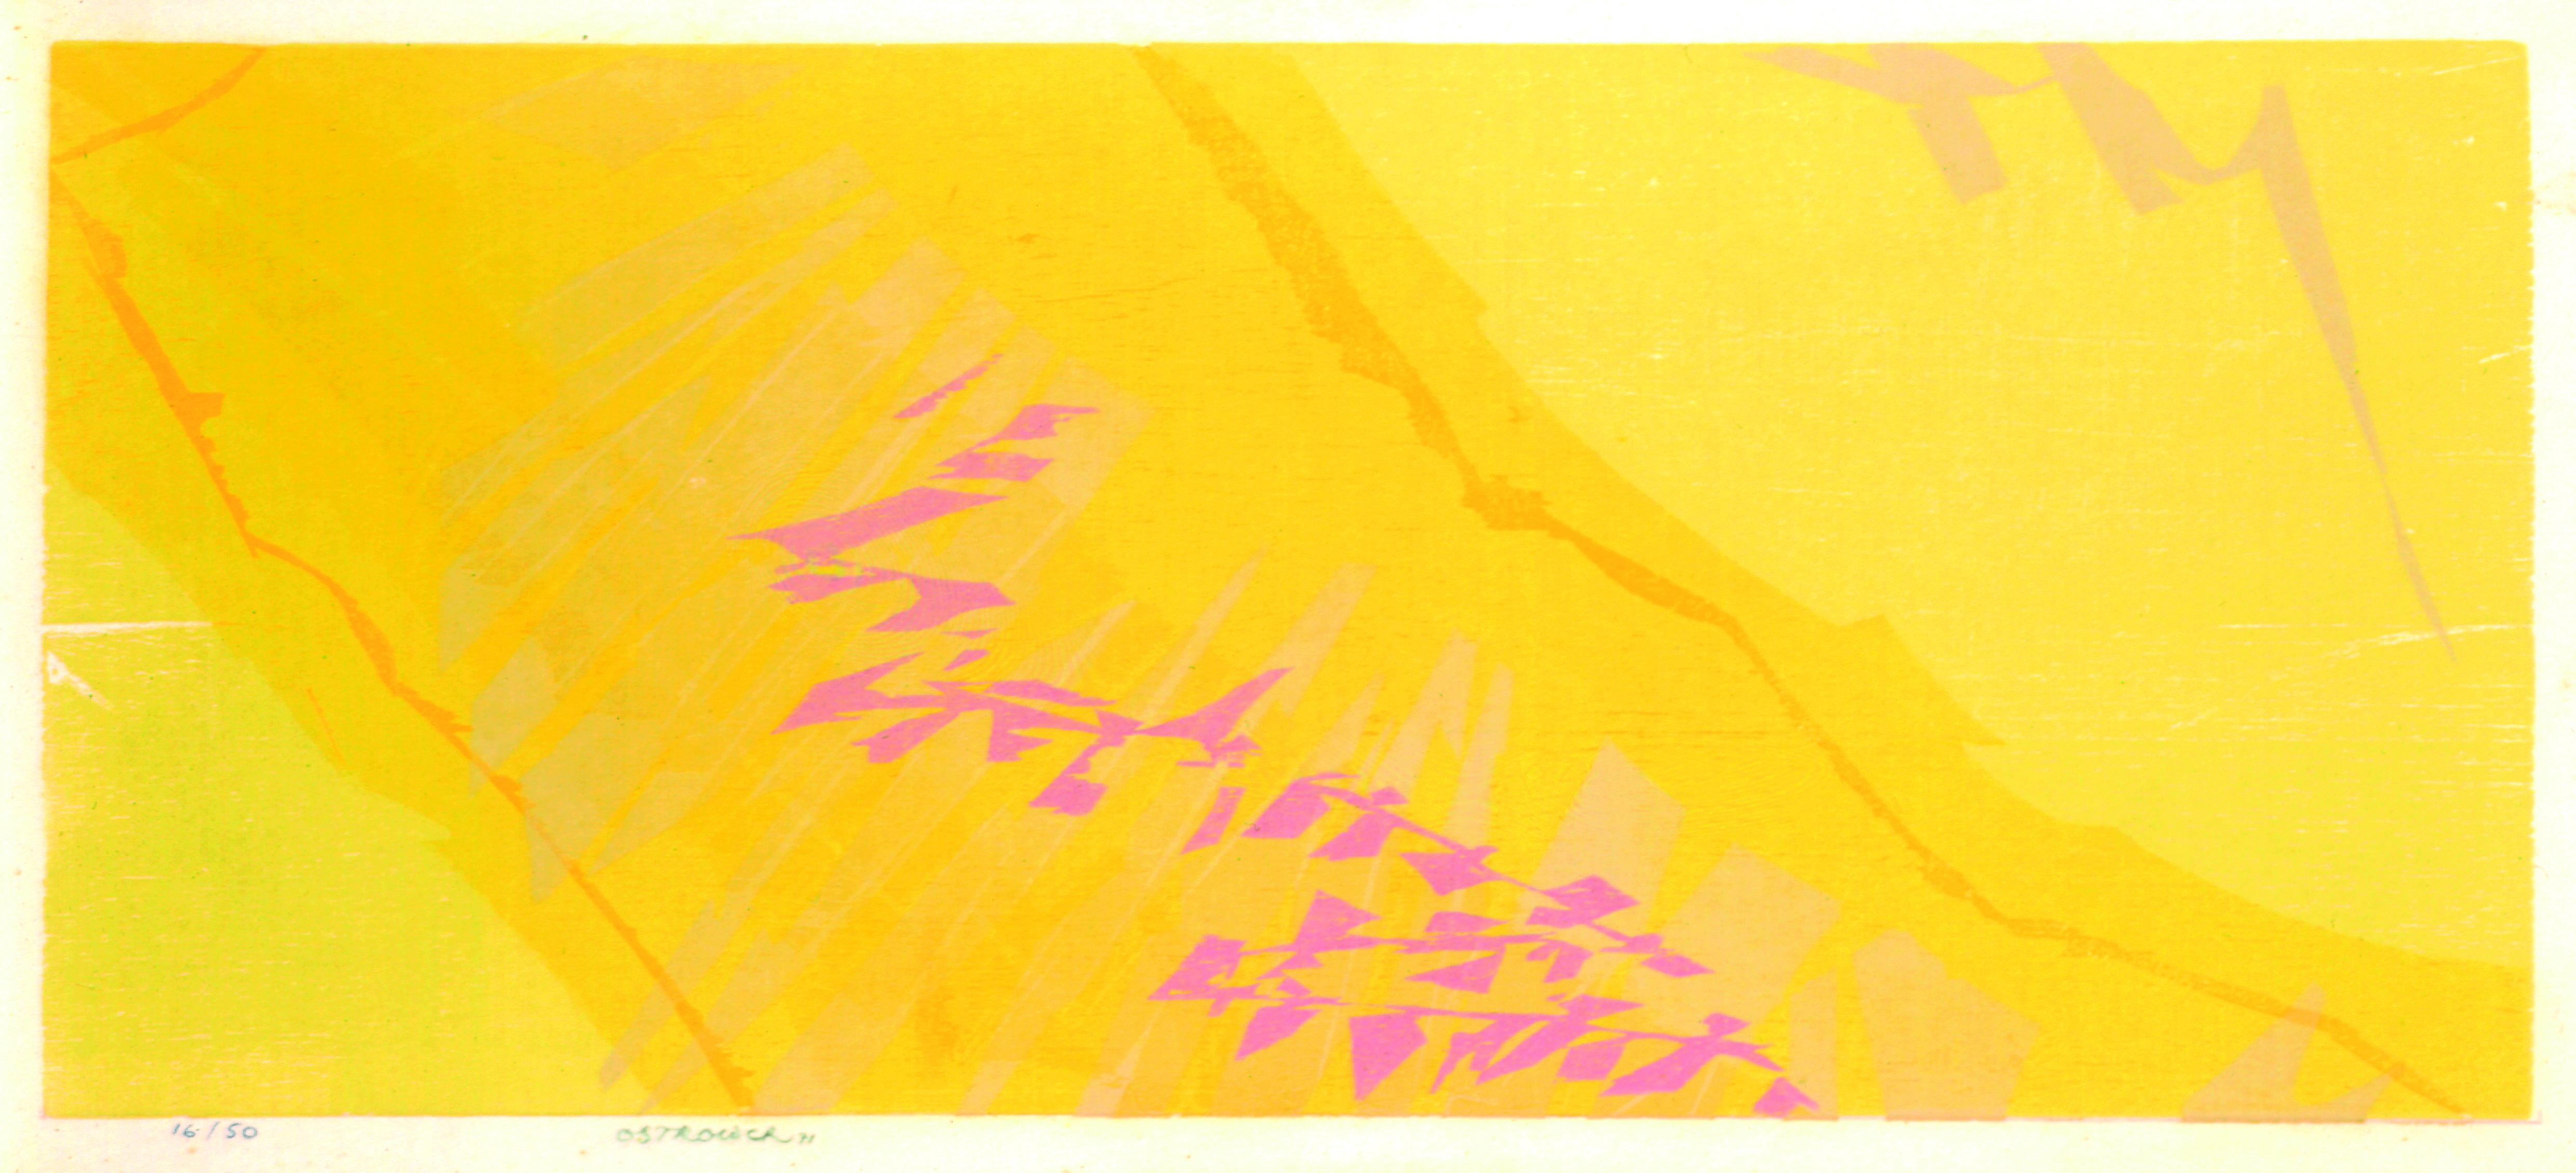 Gravura 7103 Autor: Fayga Ostrower Ano: 1971 Técnica: Xilogravura (16/50) Dimensão: 30cm x 60cm